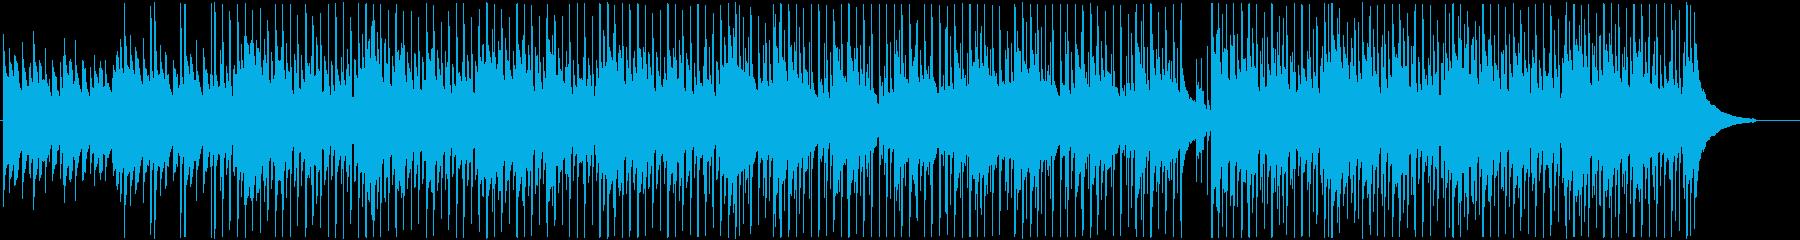 クリーンな企業VP/コーポレート系BGMの再生済みの波形